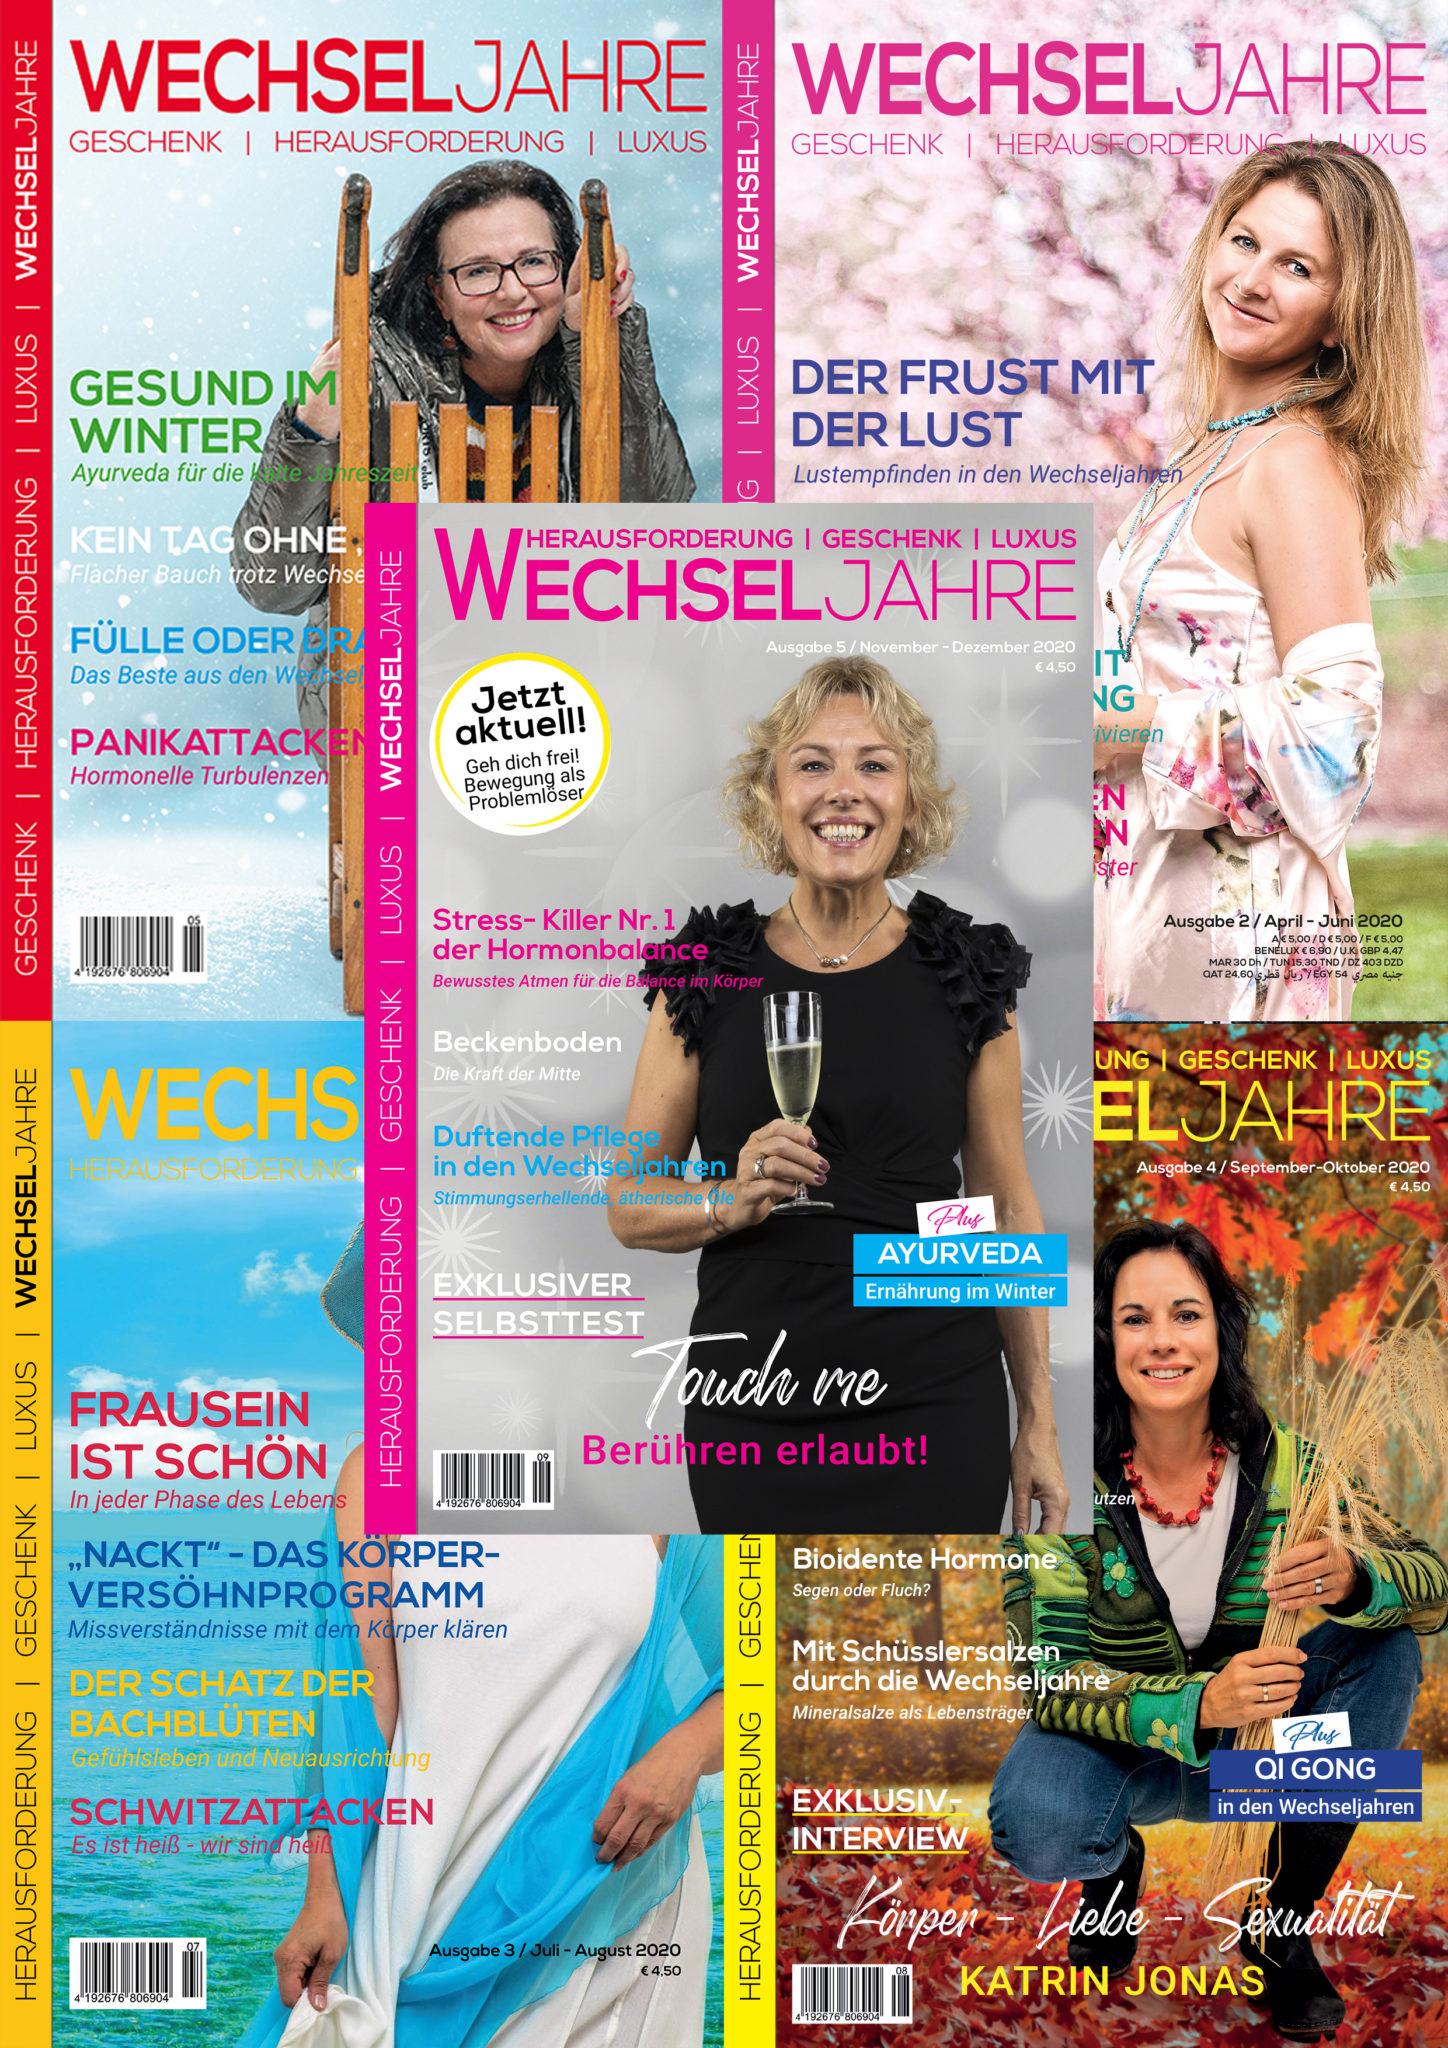 Magazin Wechseljahre | Abo 2020 | Ausgaben 1-5/2020 | Preis 15,- € | Magazin Wechseljahre |meine-wechseljahre.com